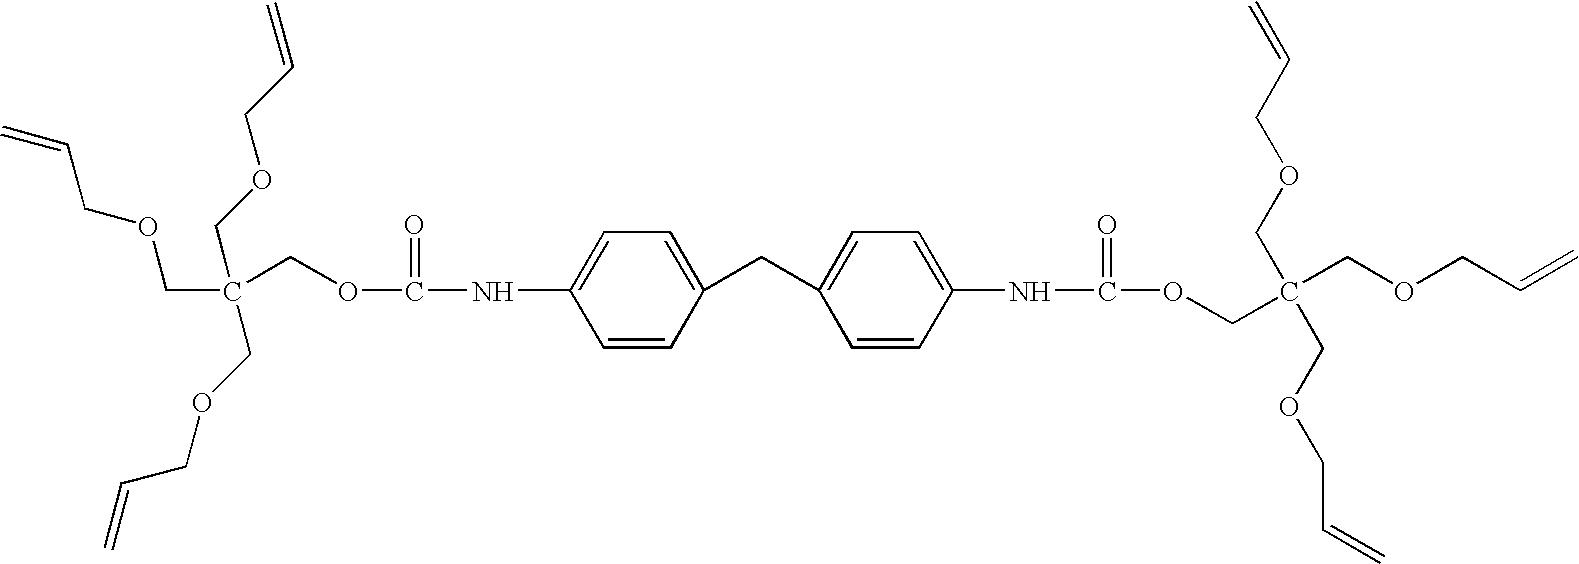 Figure US20060052547A1-20060309-C00077